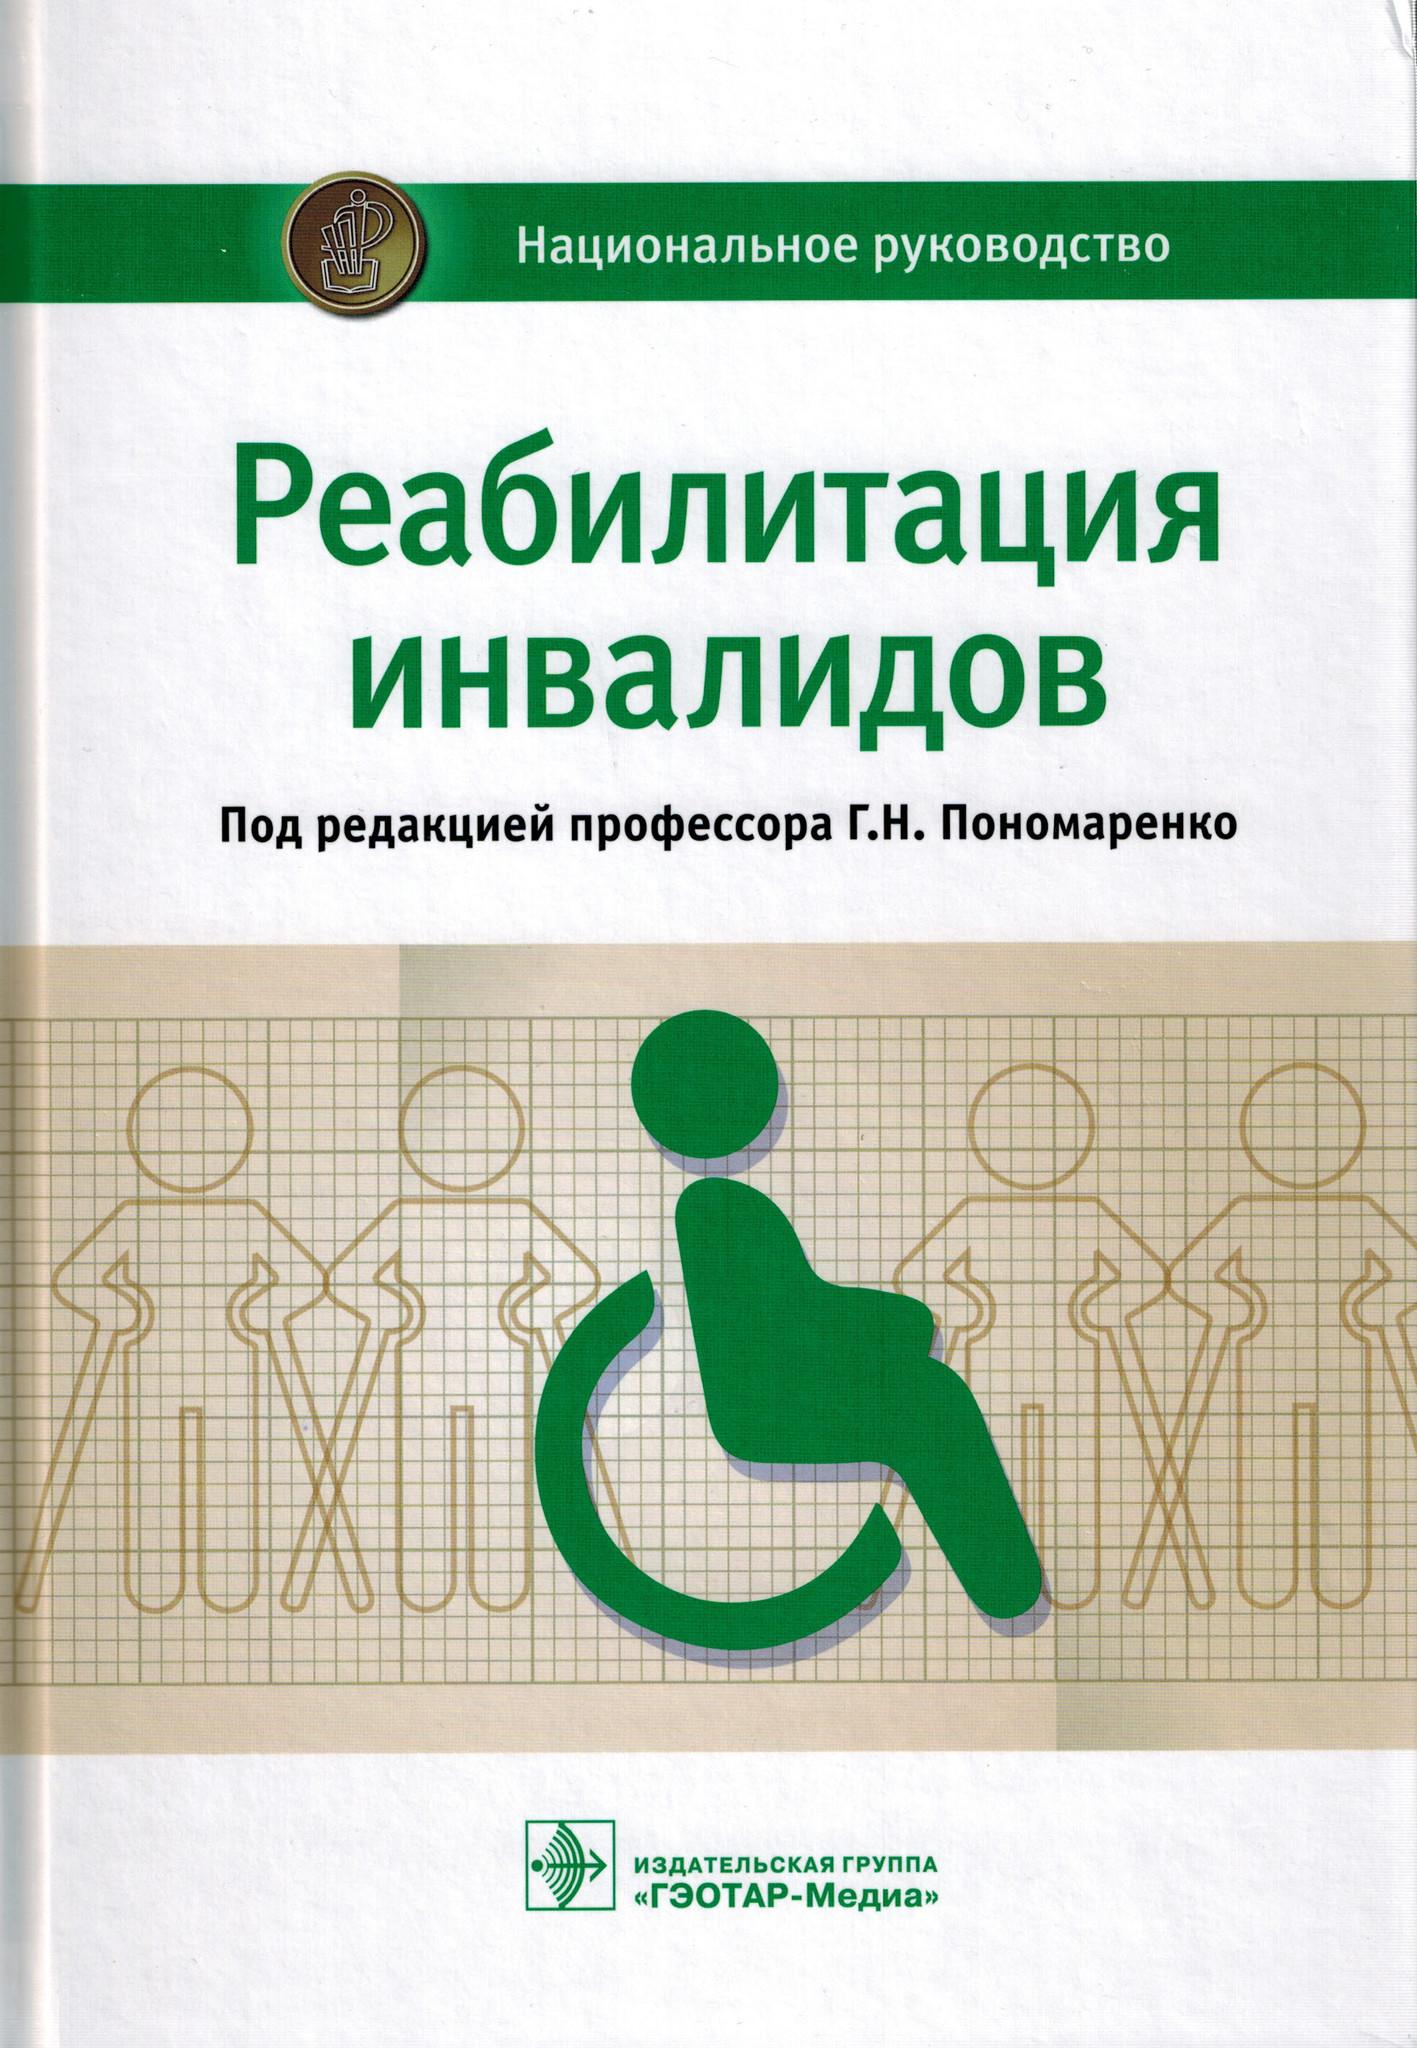 Спортивная медицина Реабилитация инвалидов. Национальное руководство ri.jpg